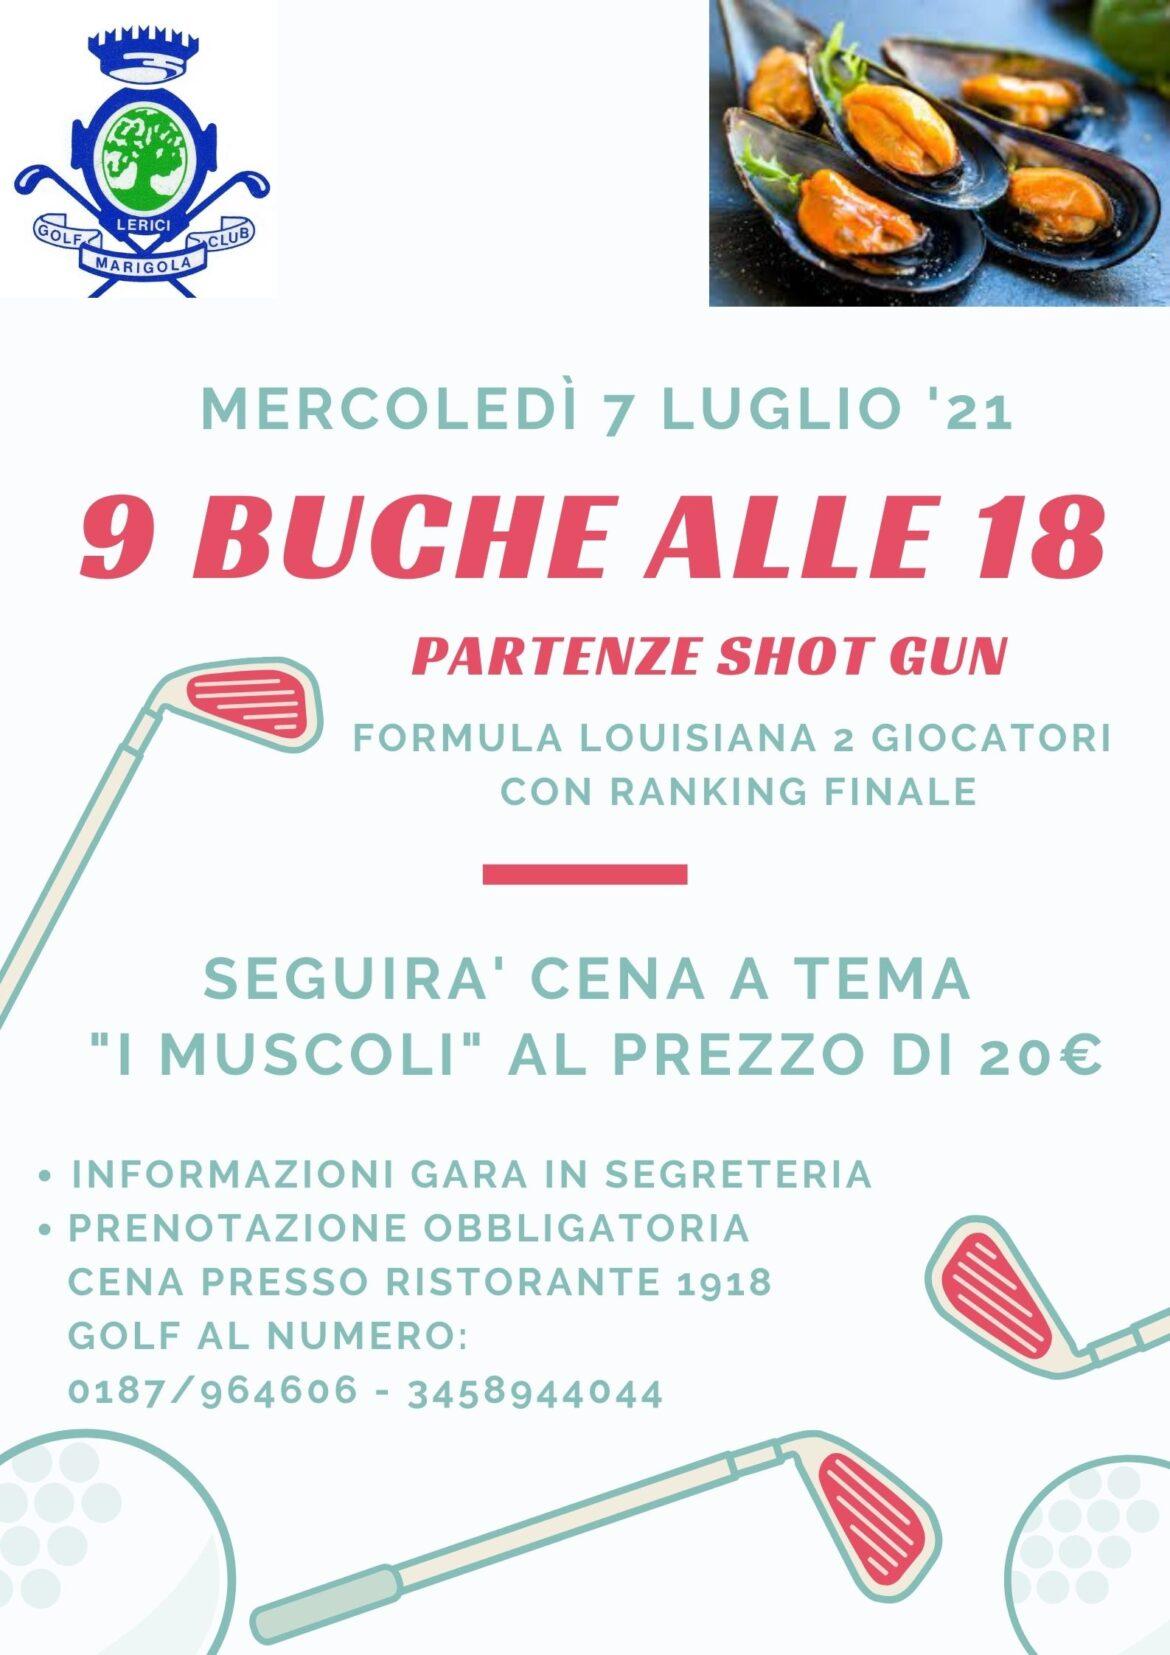 9 BUCHE ALLE 18 – PARTENZE SHOT GUN del 7 luglio 2021